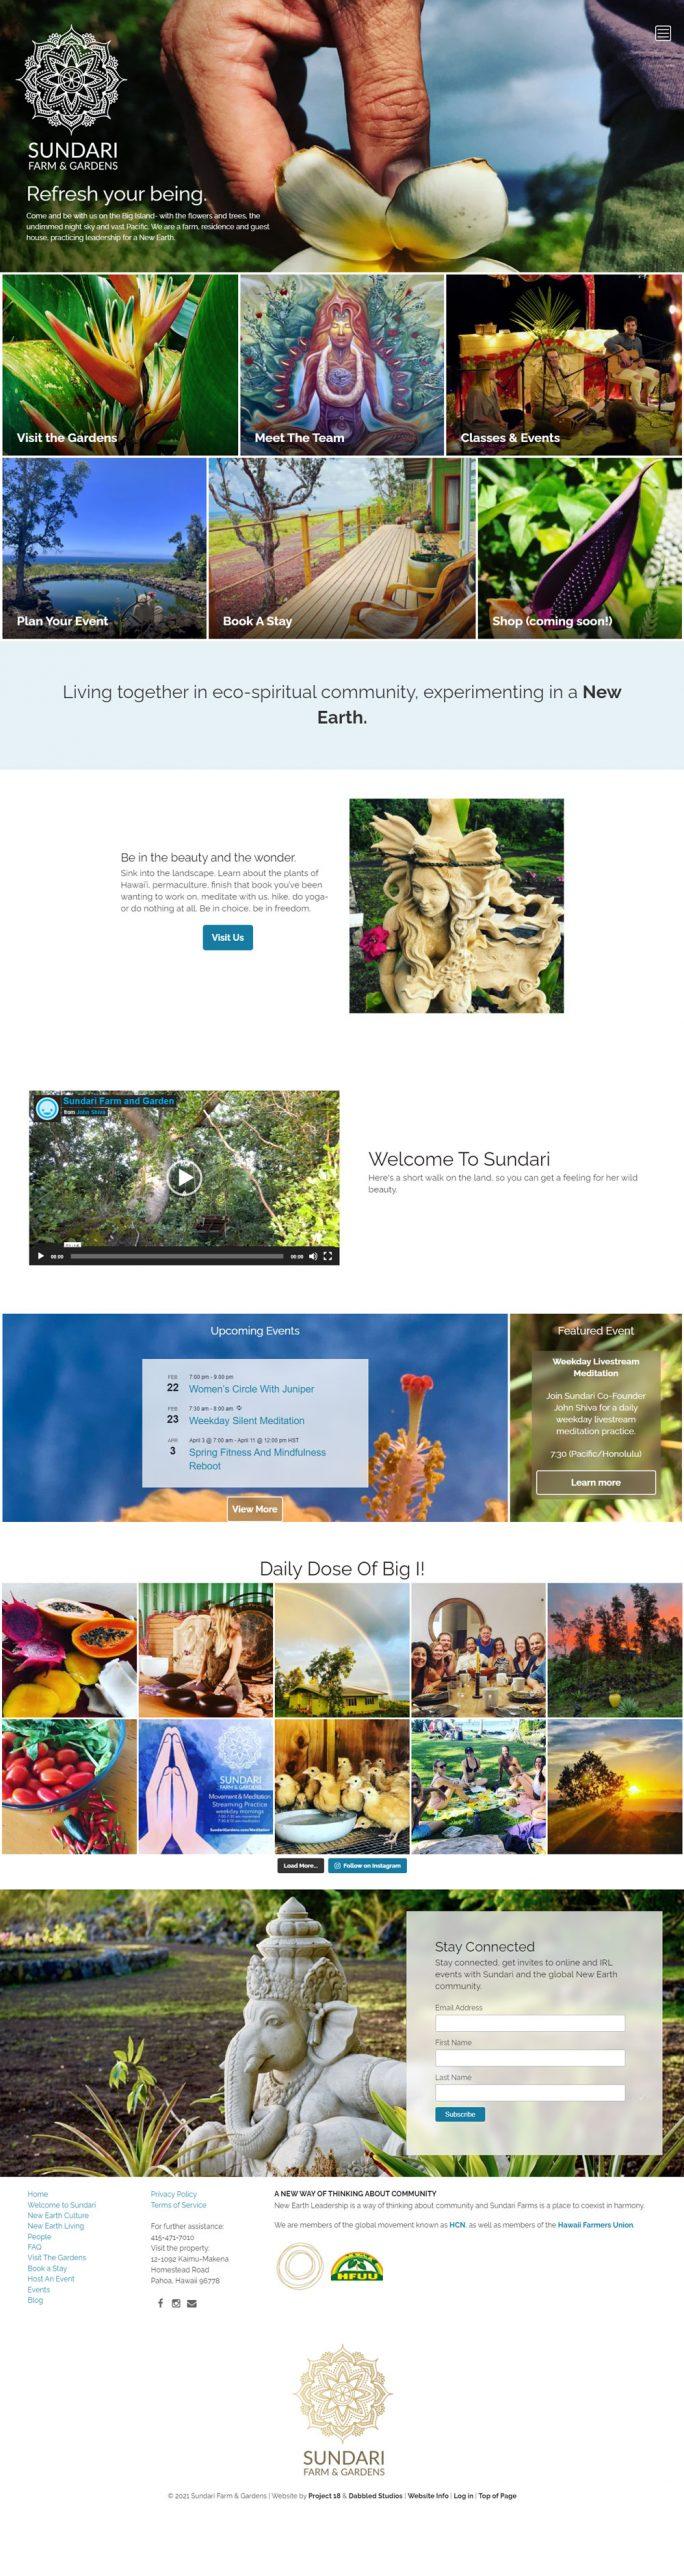 Sundari Home page